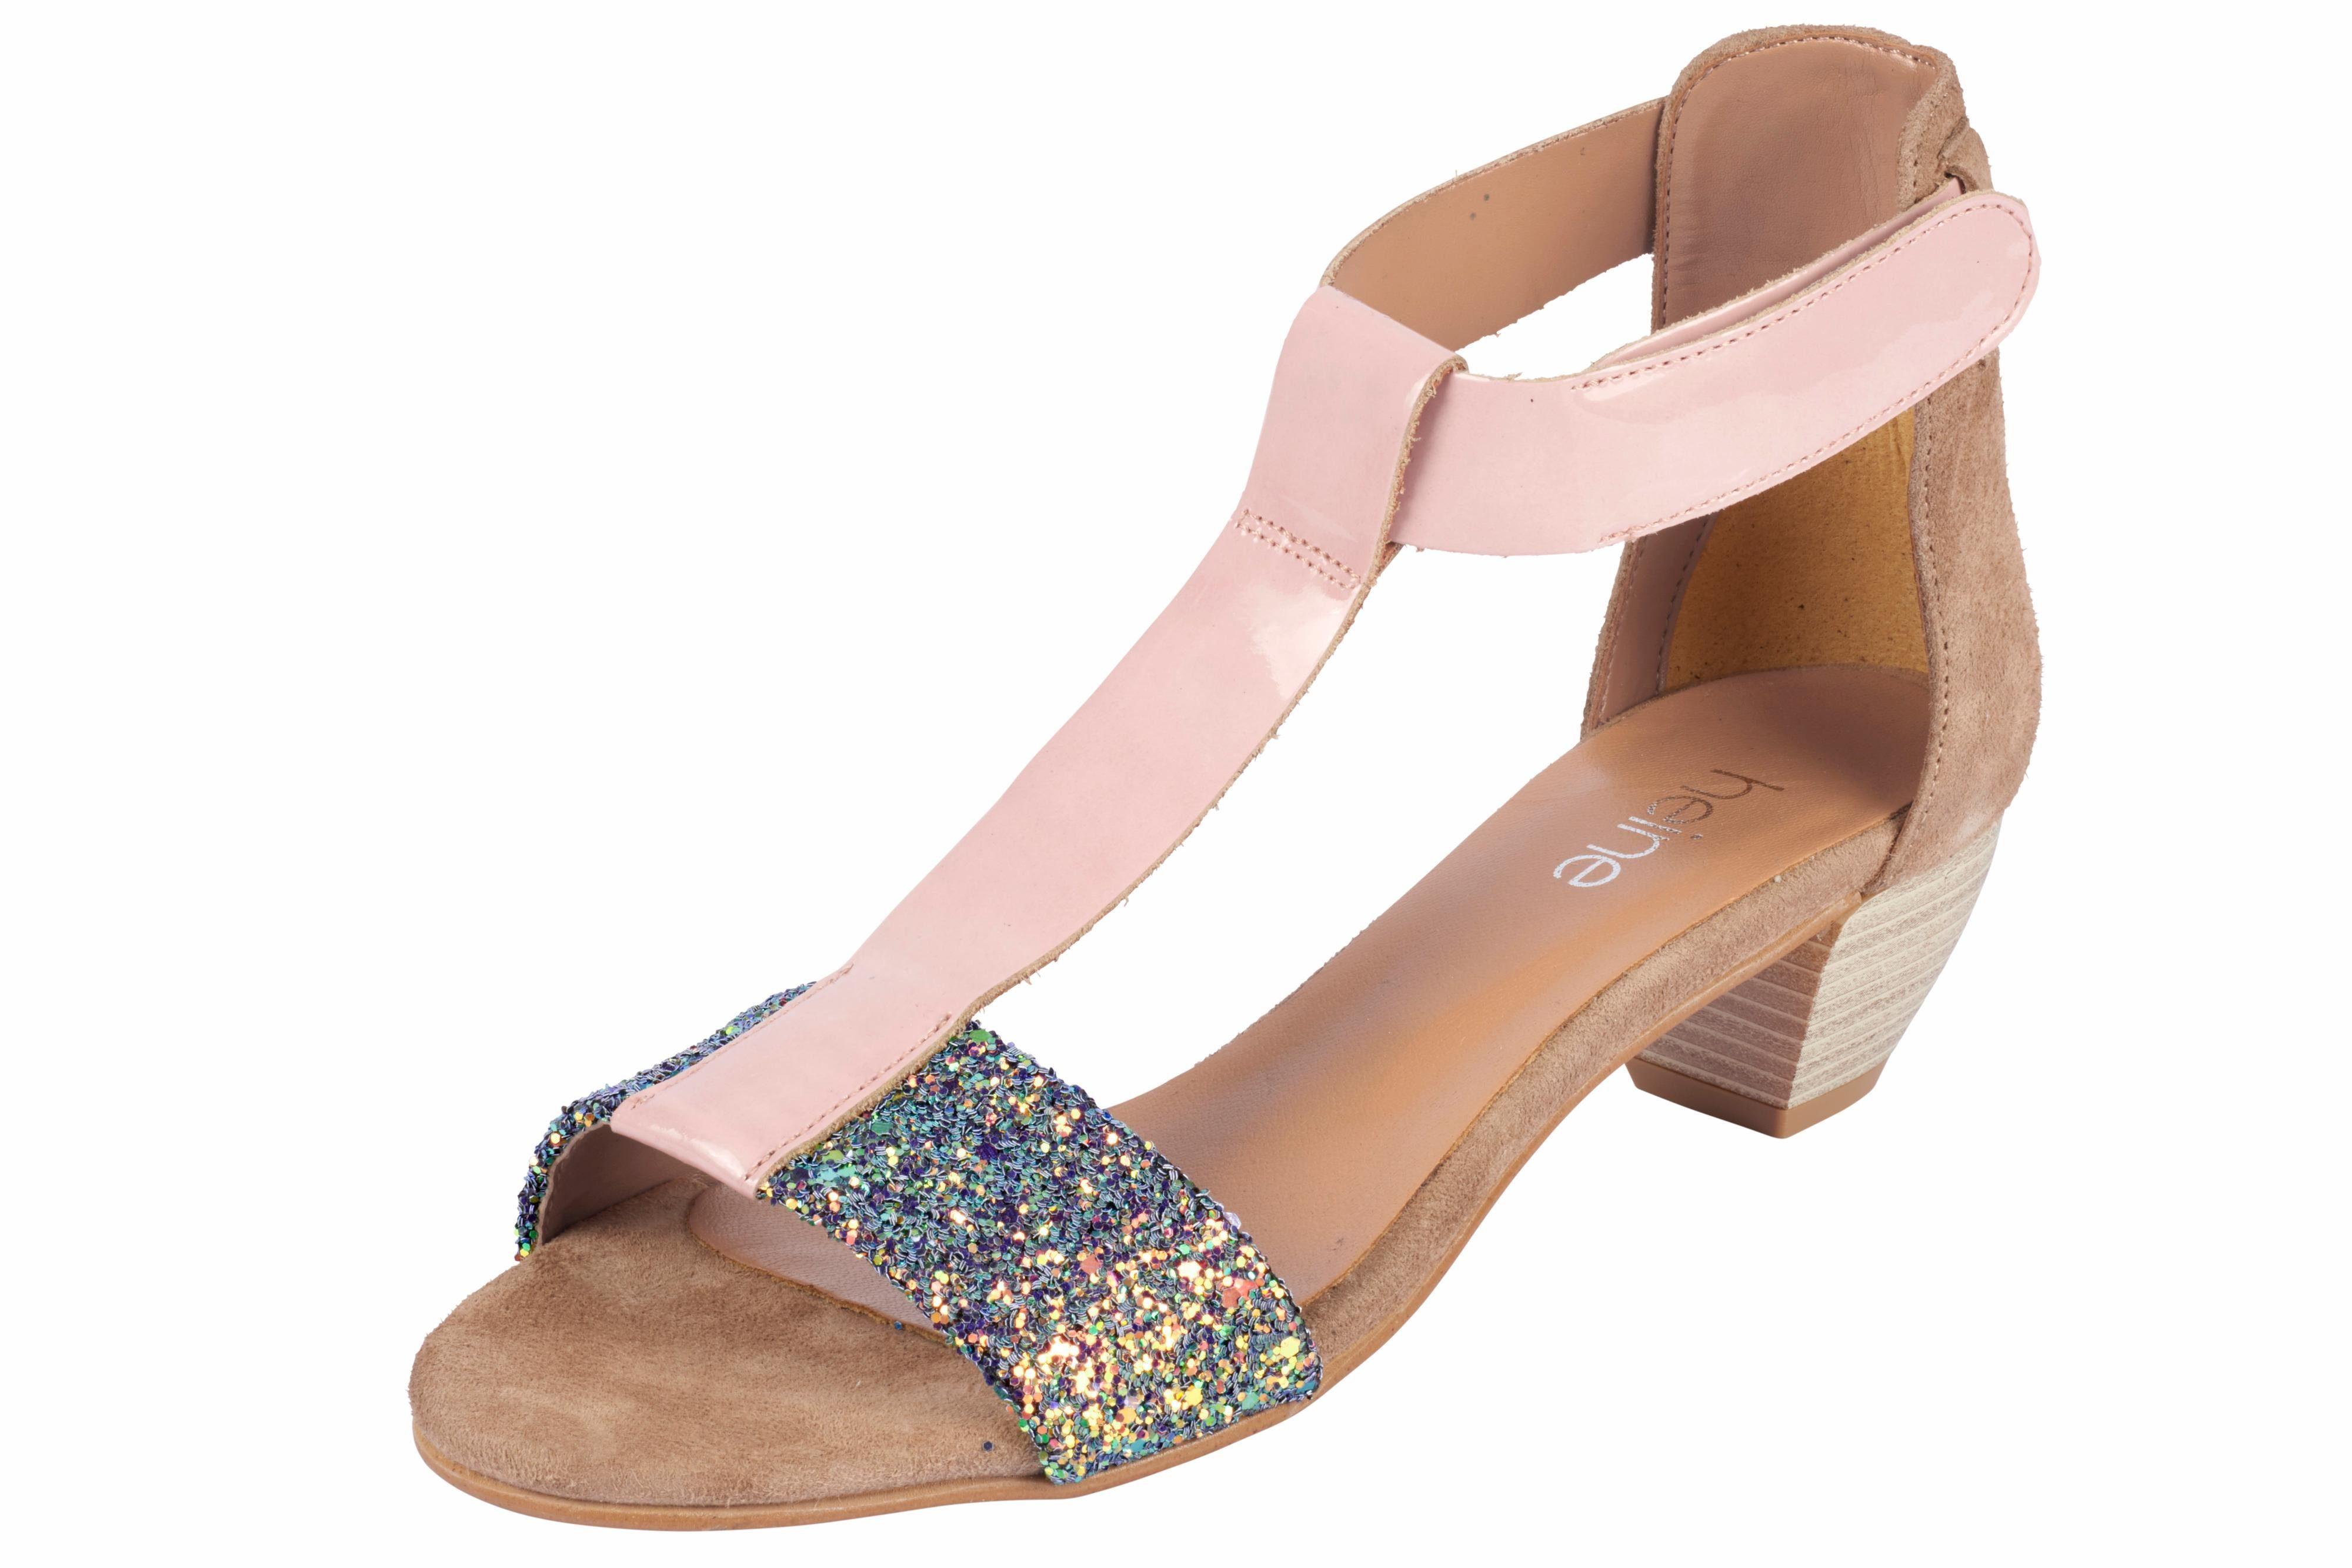 Heine Sandalette mit Glitter online kaufen  rosé#ft5_slash#bunt